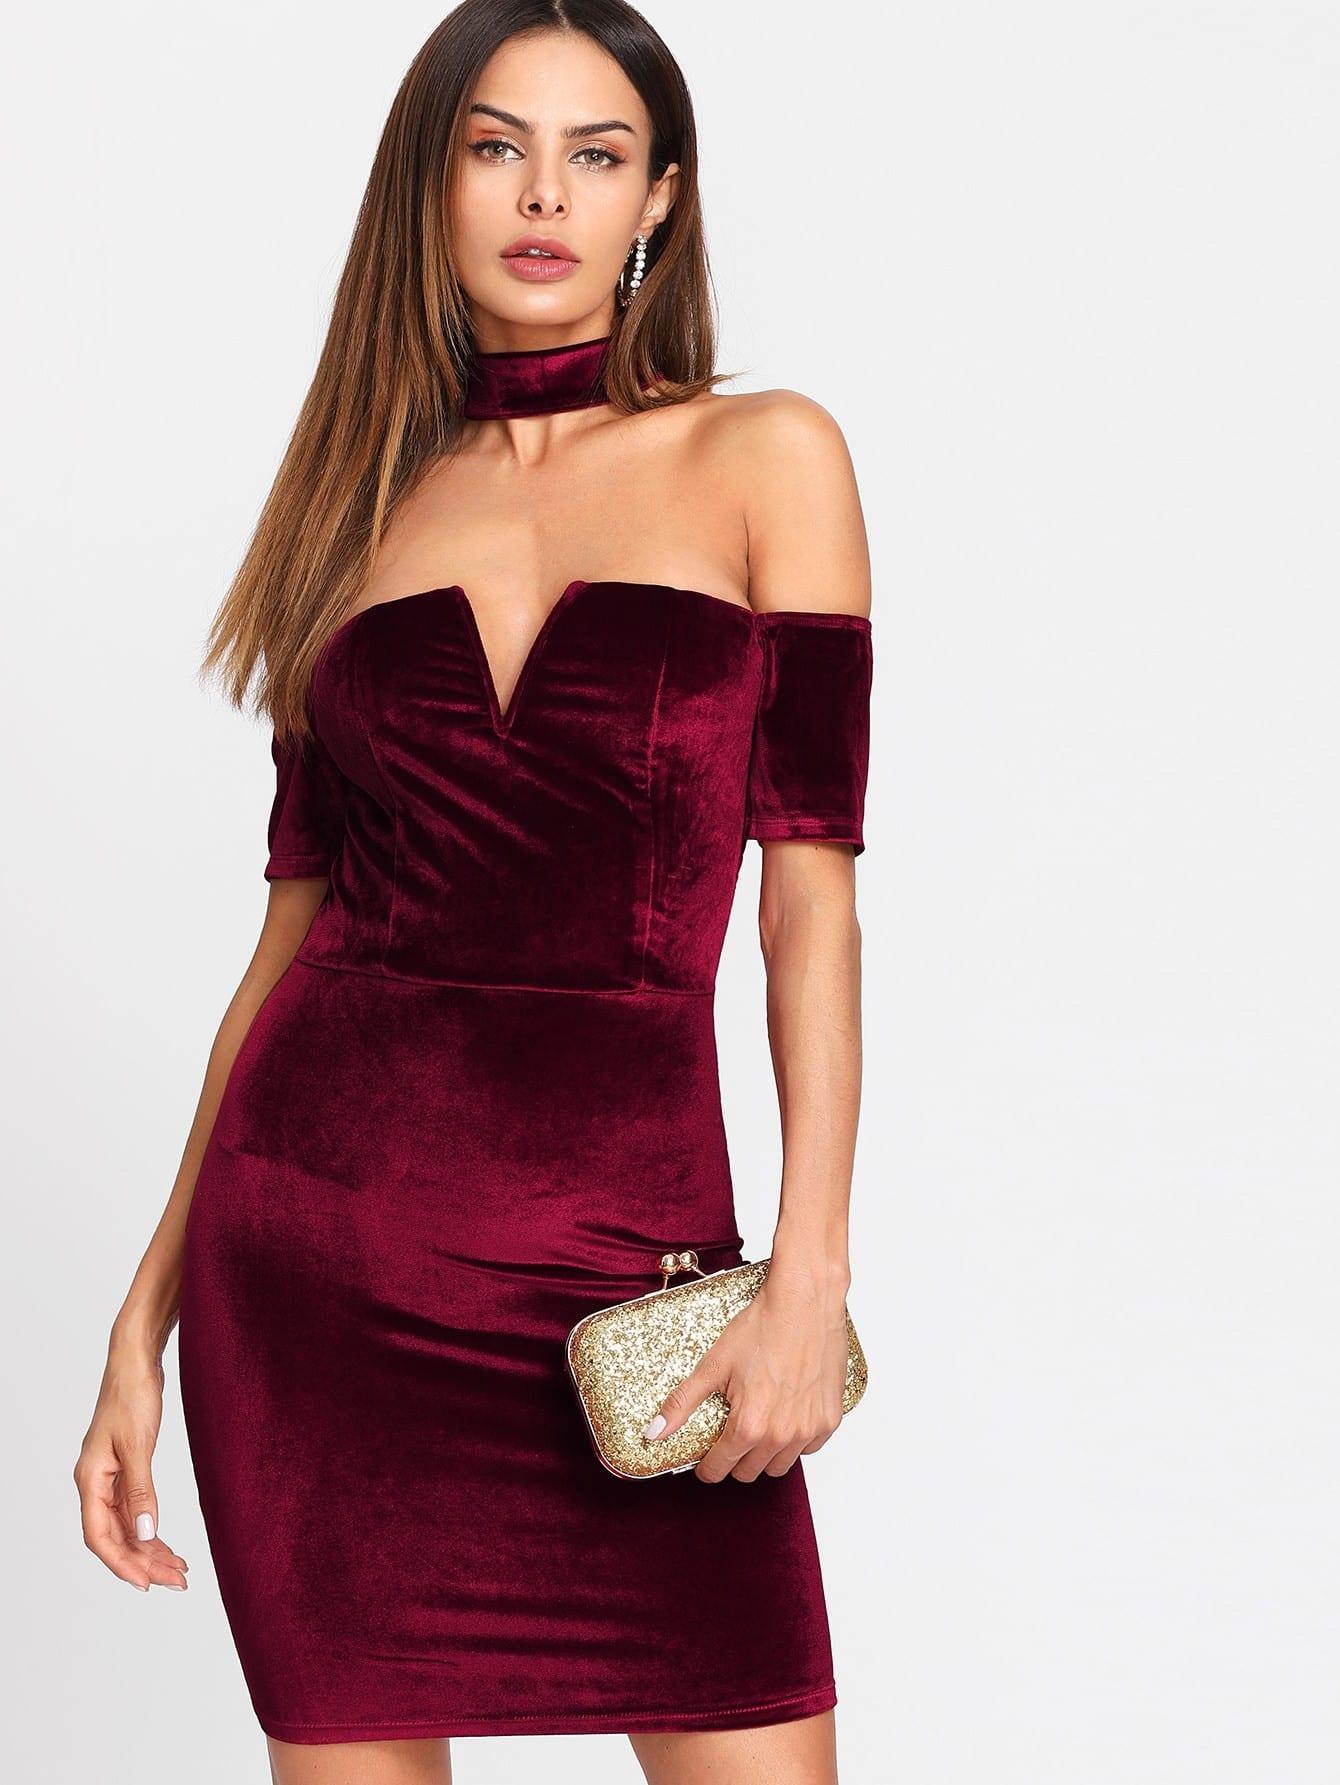 Form Fitting Velvet Dress metallic form fitting dress